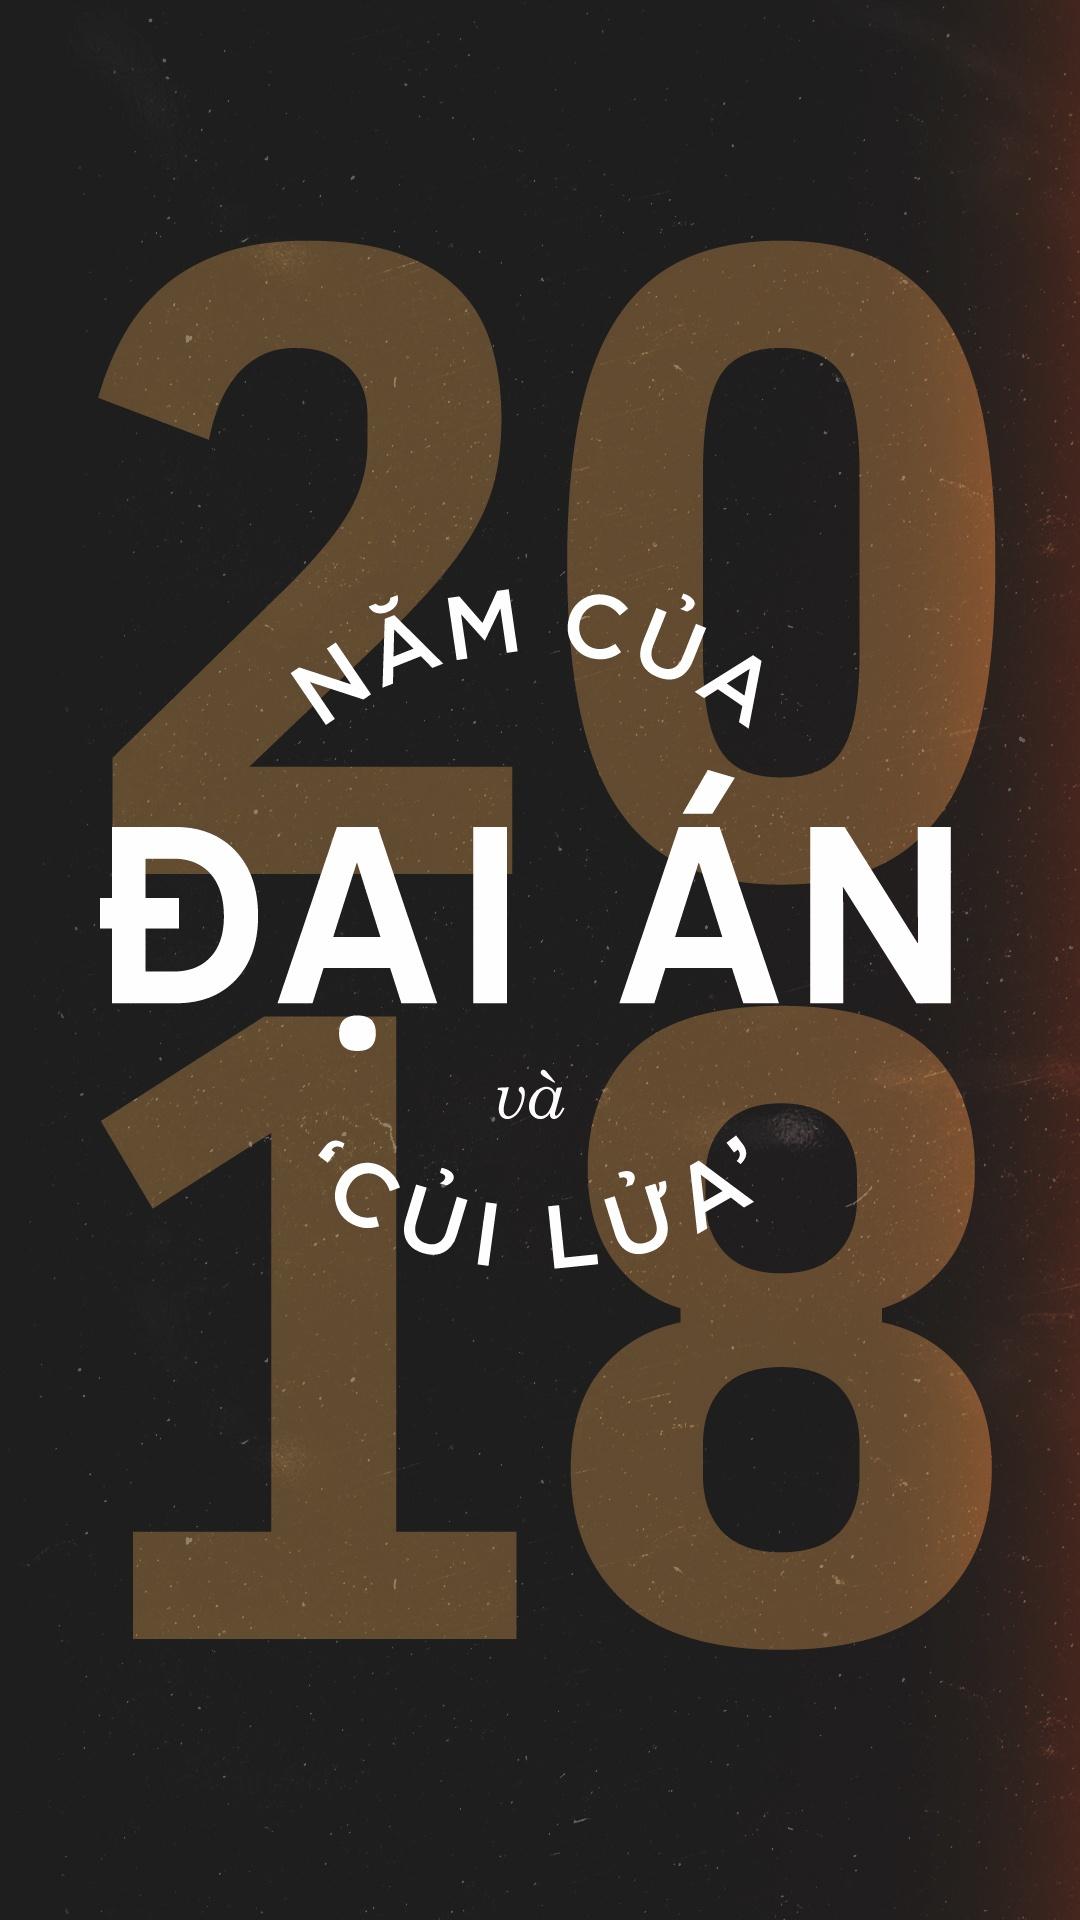 2018 - nam cua dai an, 'cui lua' hinh anh 1